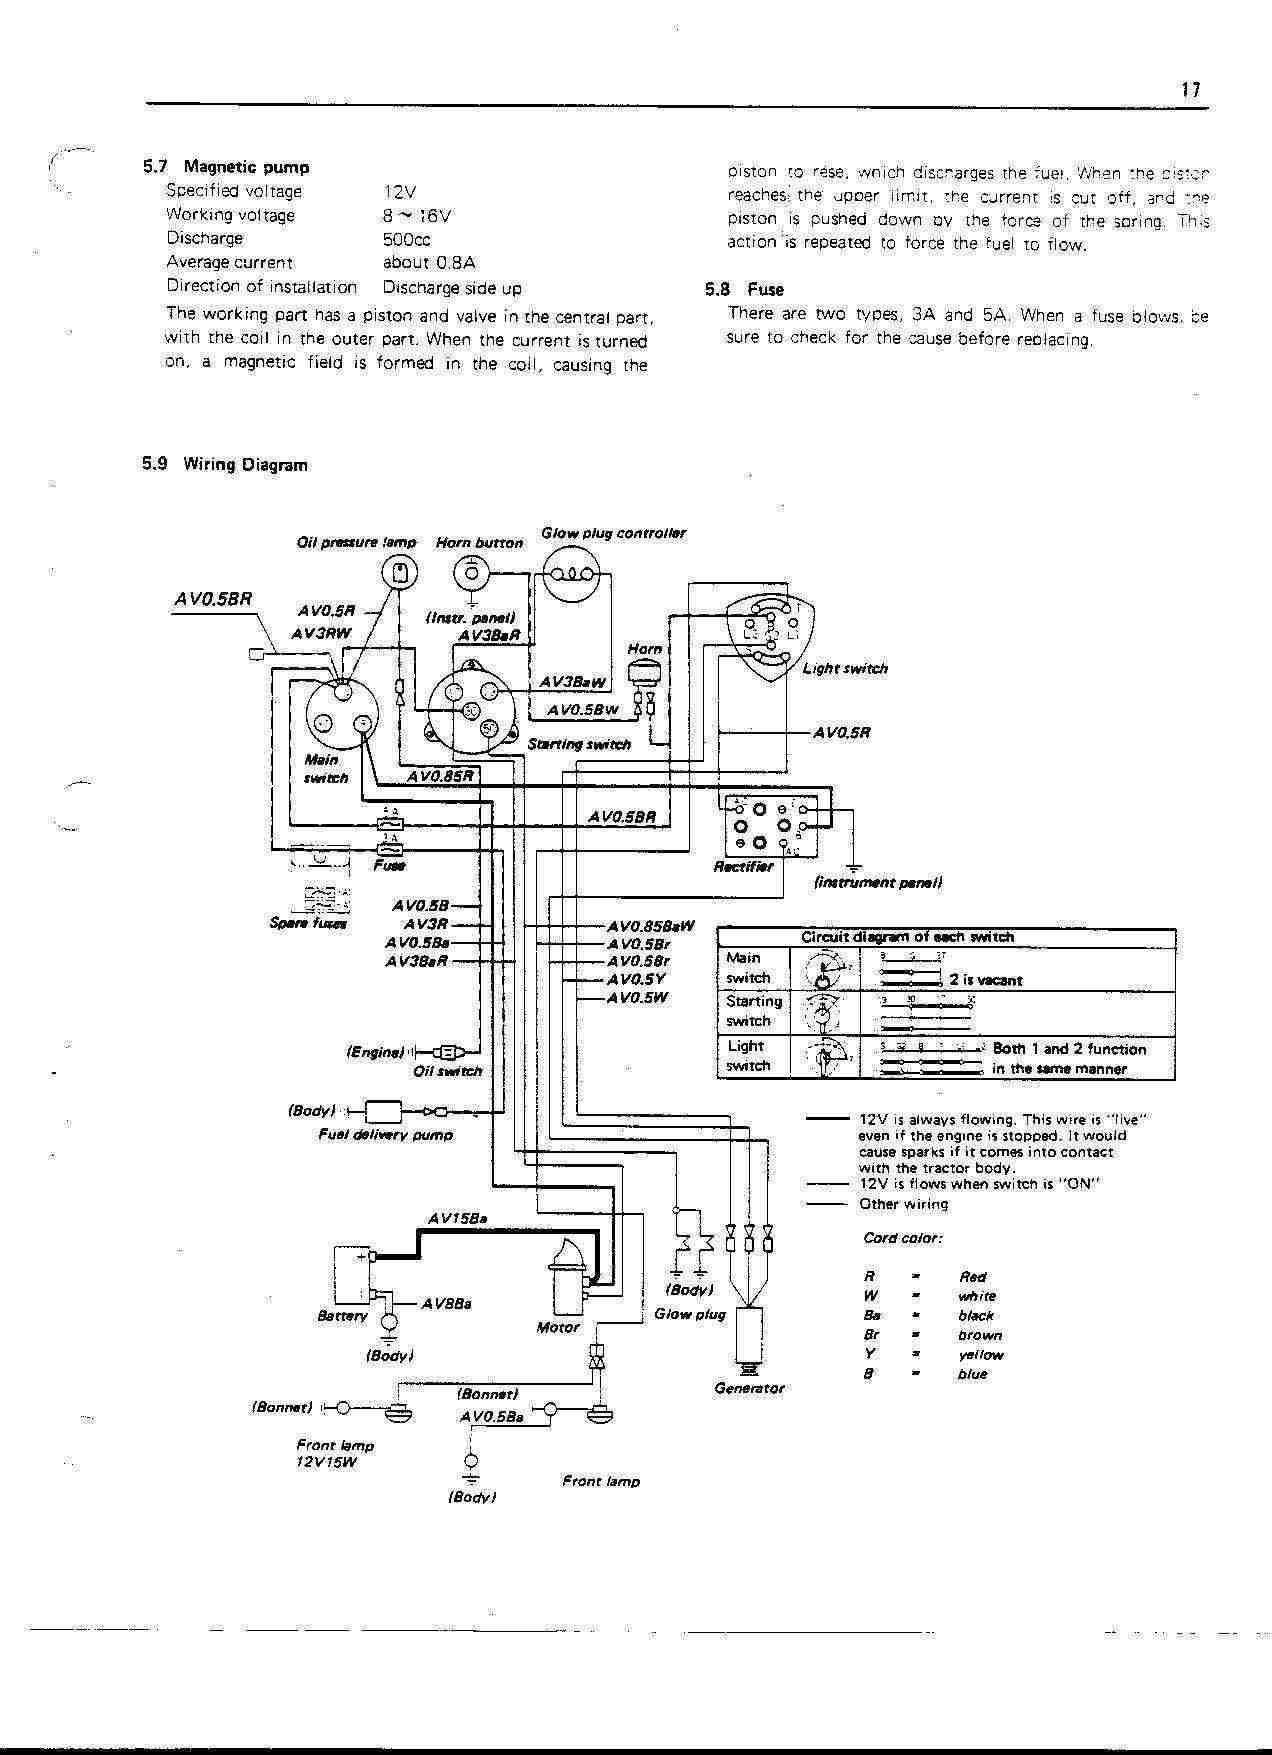 9b22b kubota b6100 wiring diagram